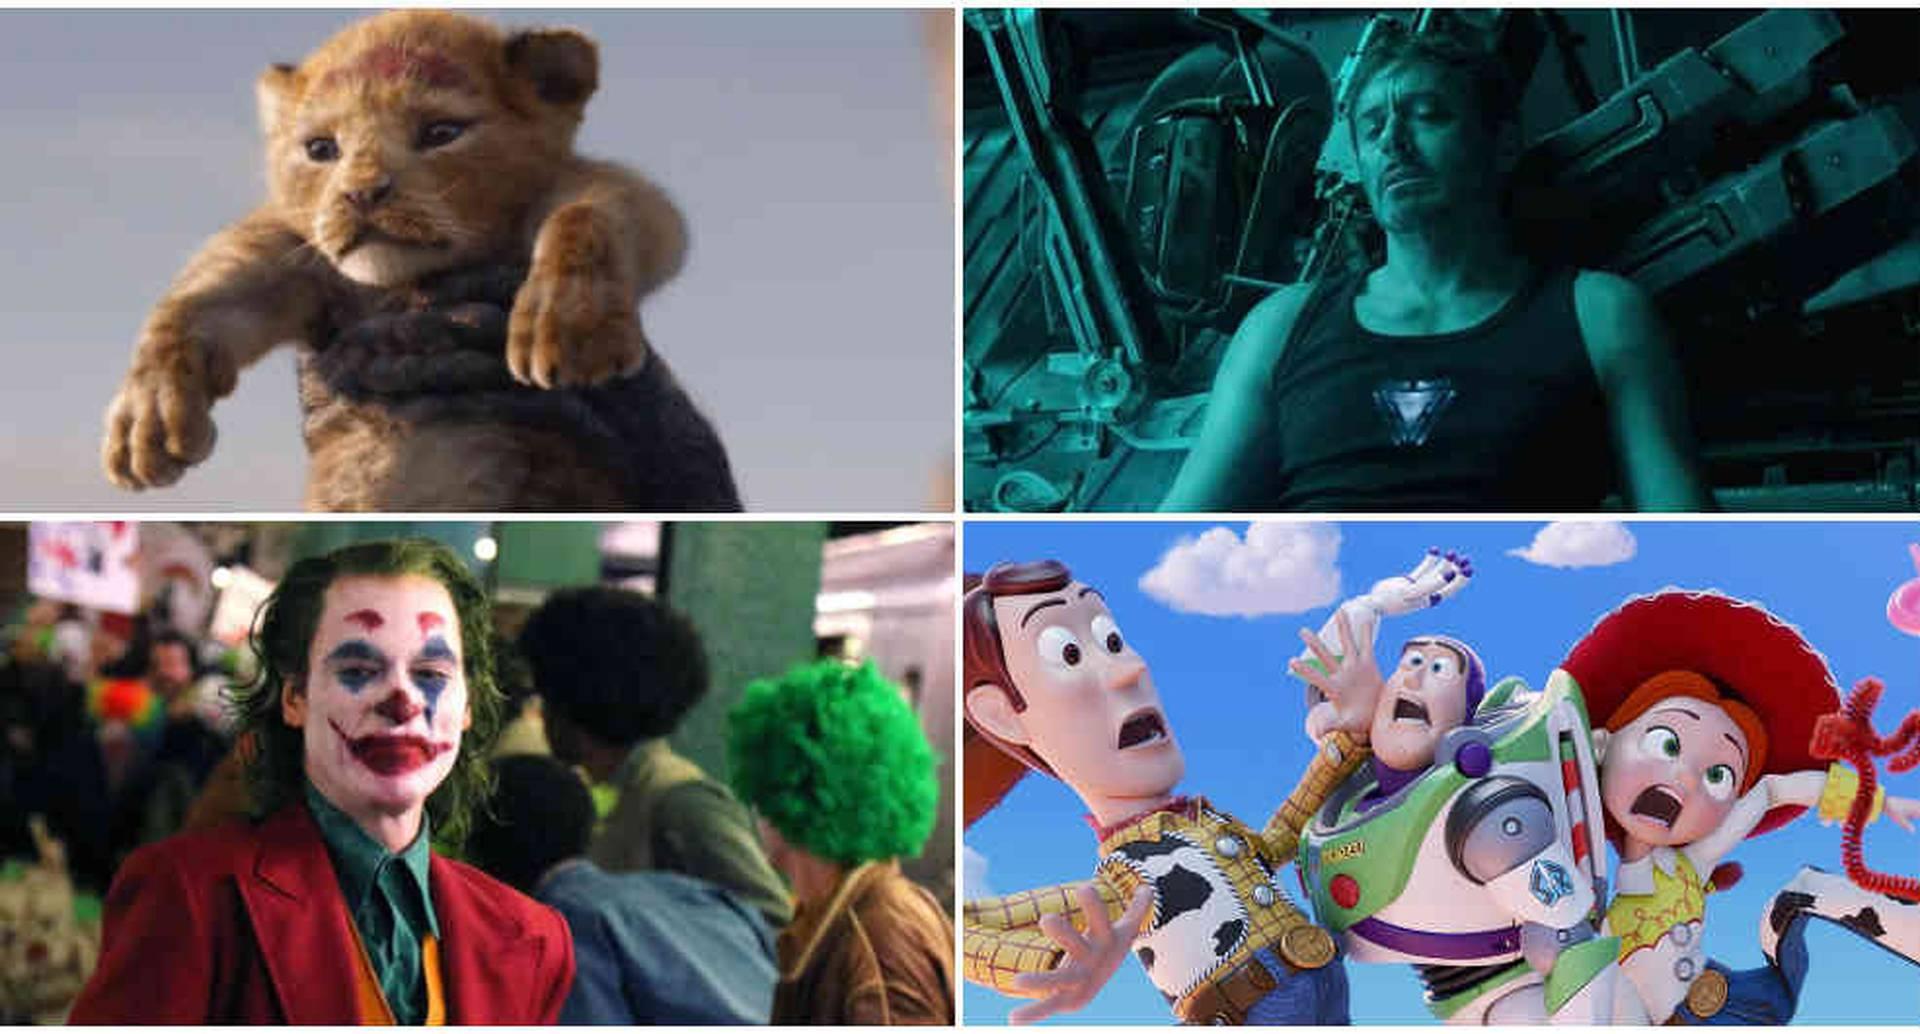 El Rey León, Joker y Toy Story 4 son algunos de los éxitos de la cartelera de 2019.